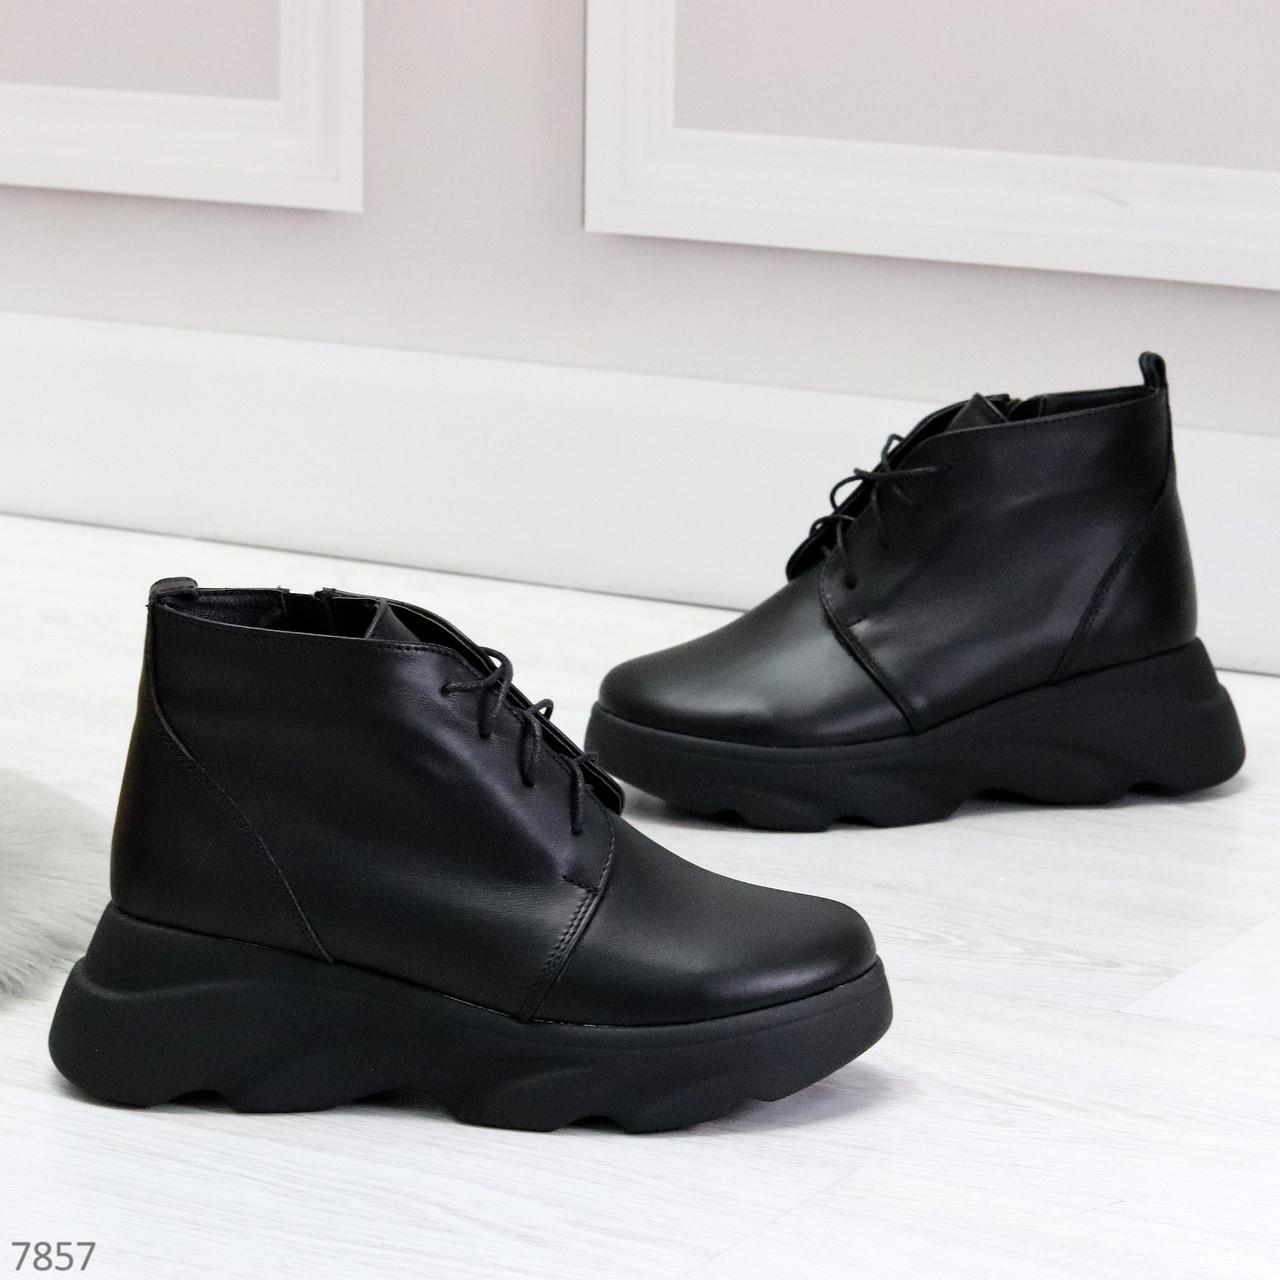 Трендовые повседневные черные женские ботинки из натуральной кожи